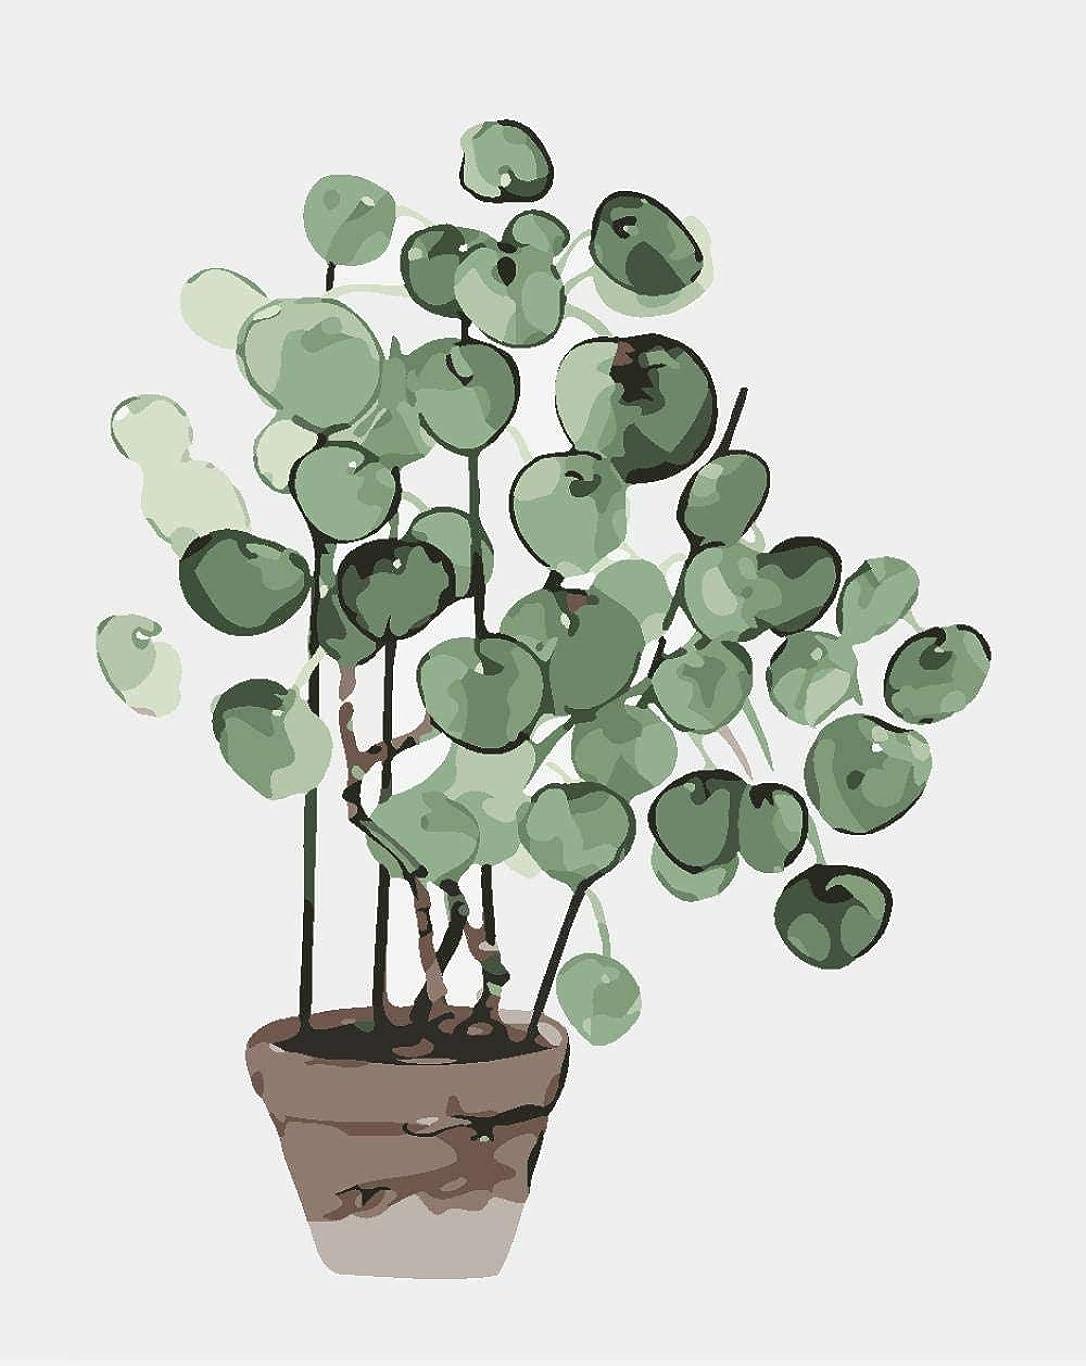 唇最小化する副産物大人用の数字でペイント緑の植物数字でペイントキャンバス上の初心者向けのブラシ3本のブラシと明るい色40x50cmフレームなし